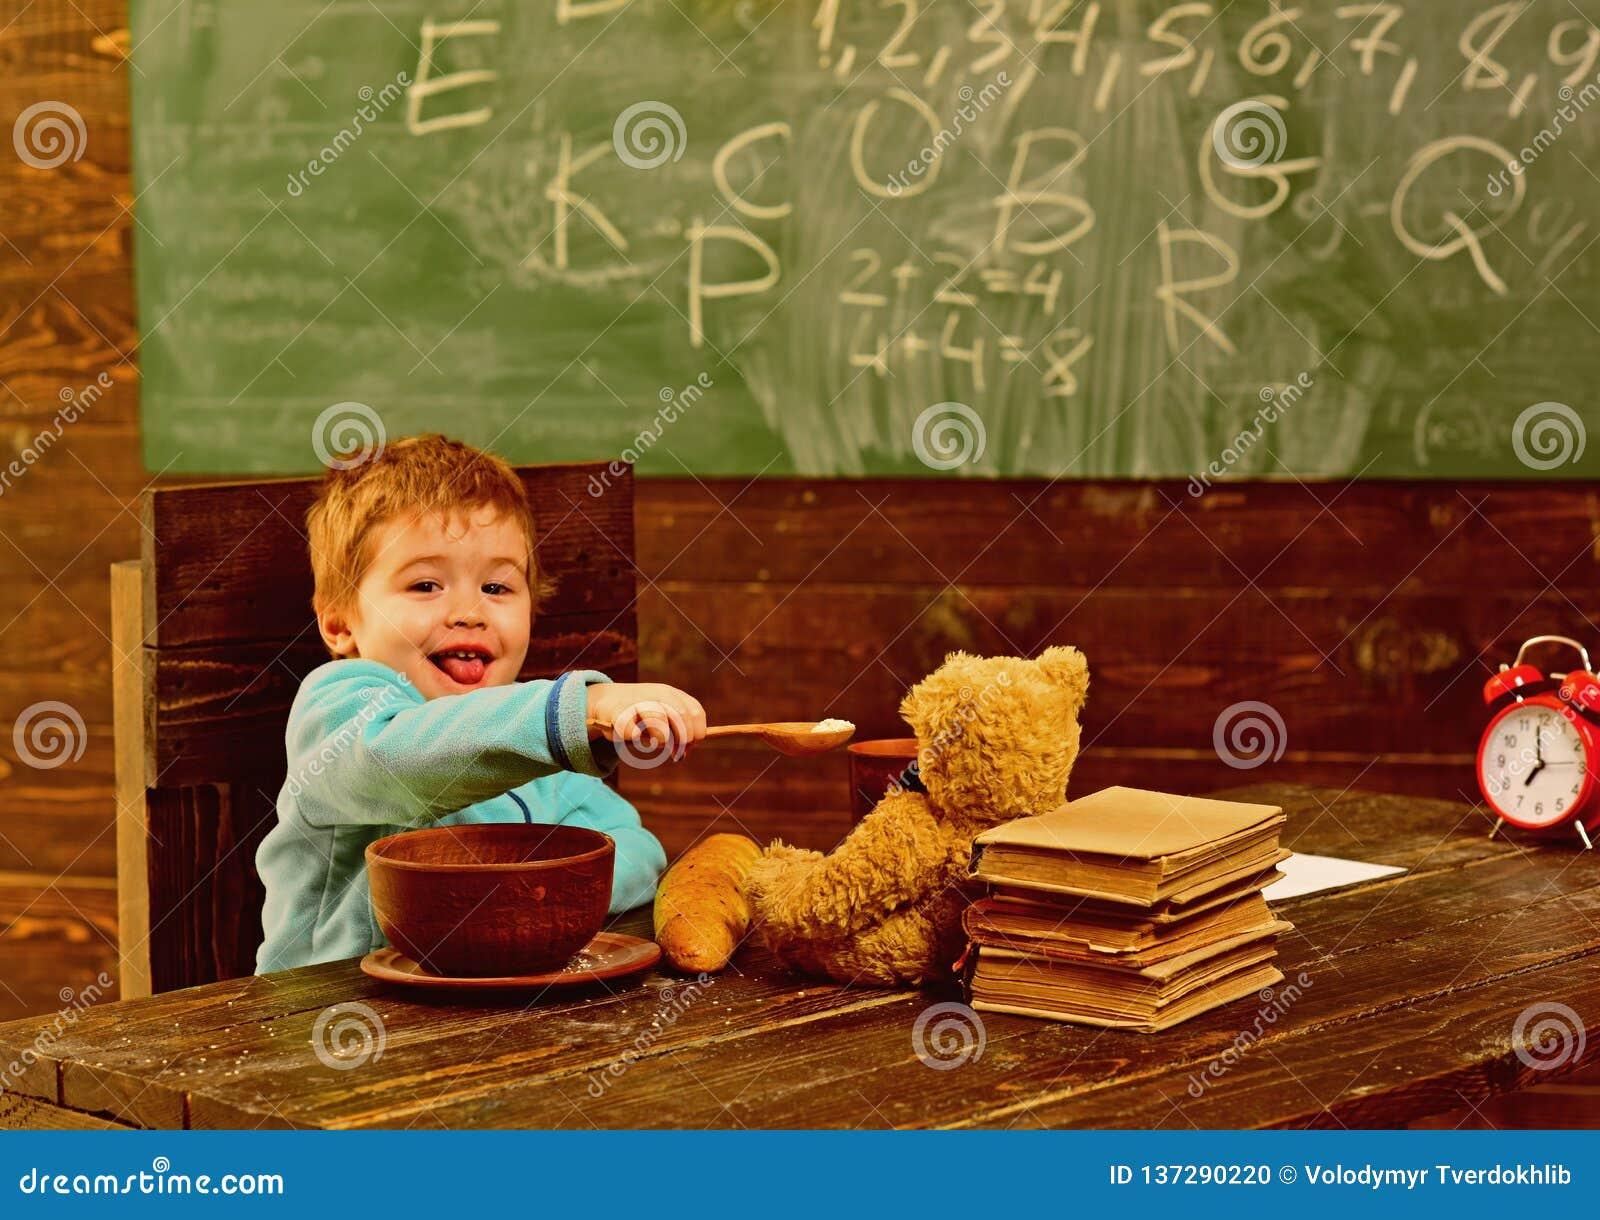 Здоровый обед в школьном кафетерии Обед доли маленького ребенка здоровый с другом игрушки Мальчик наслаждается здоровым обедом с